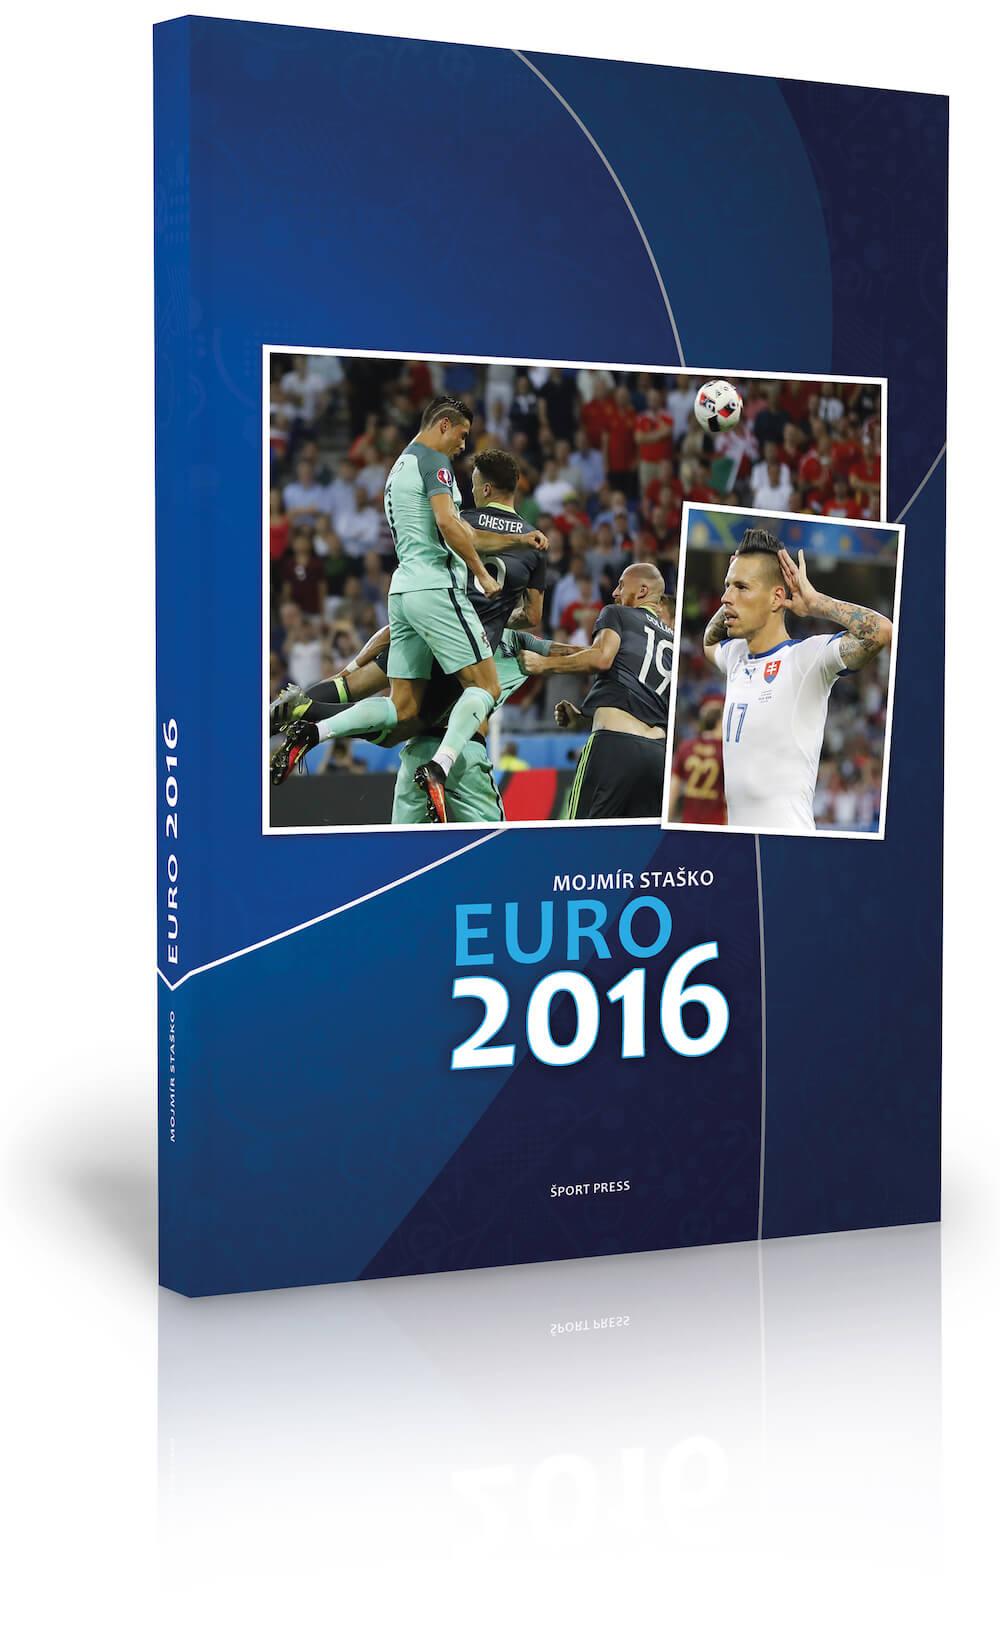 Kniha Euro 2016